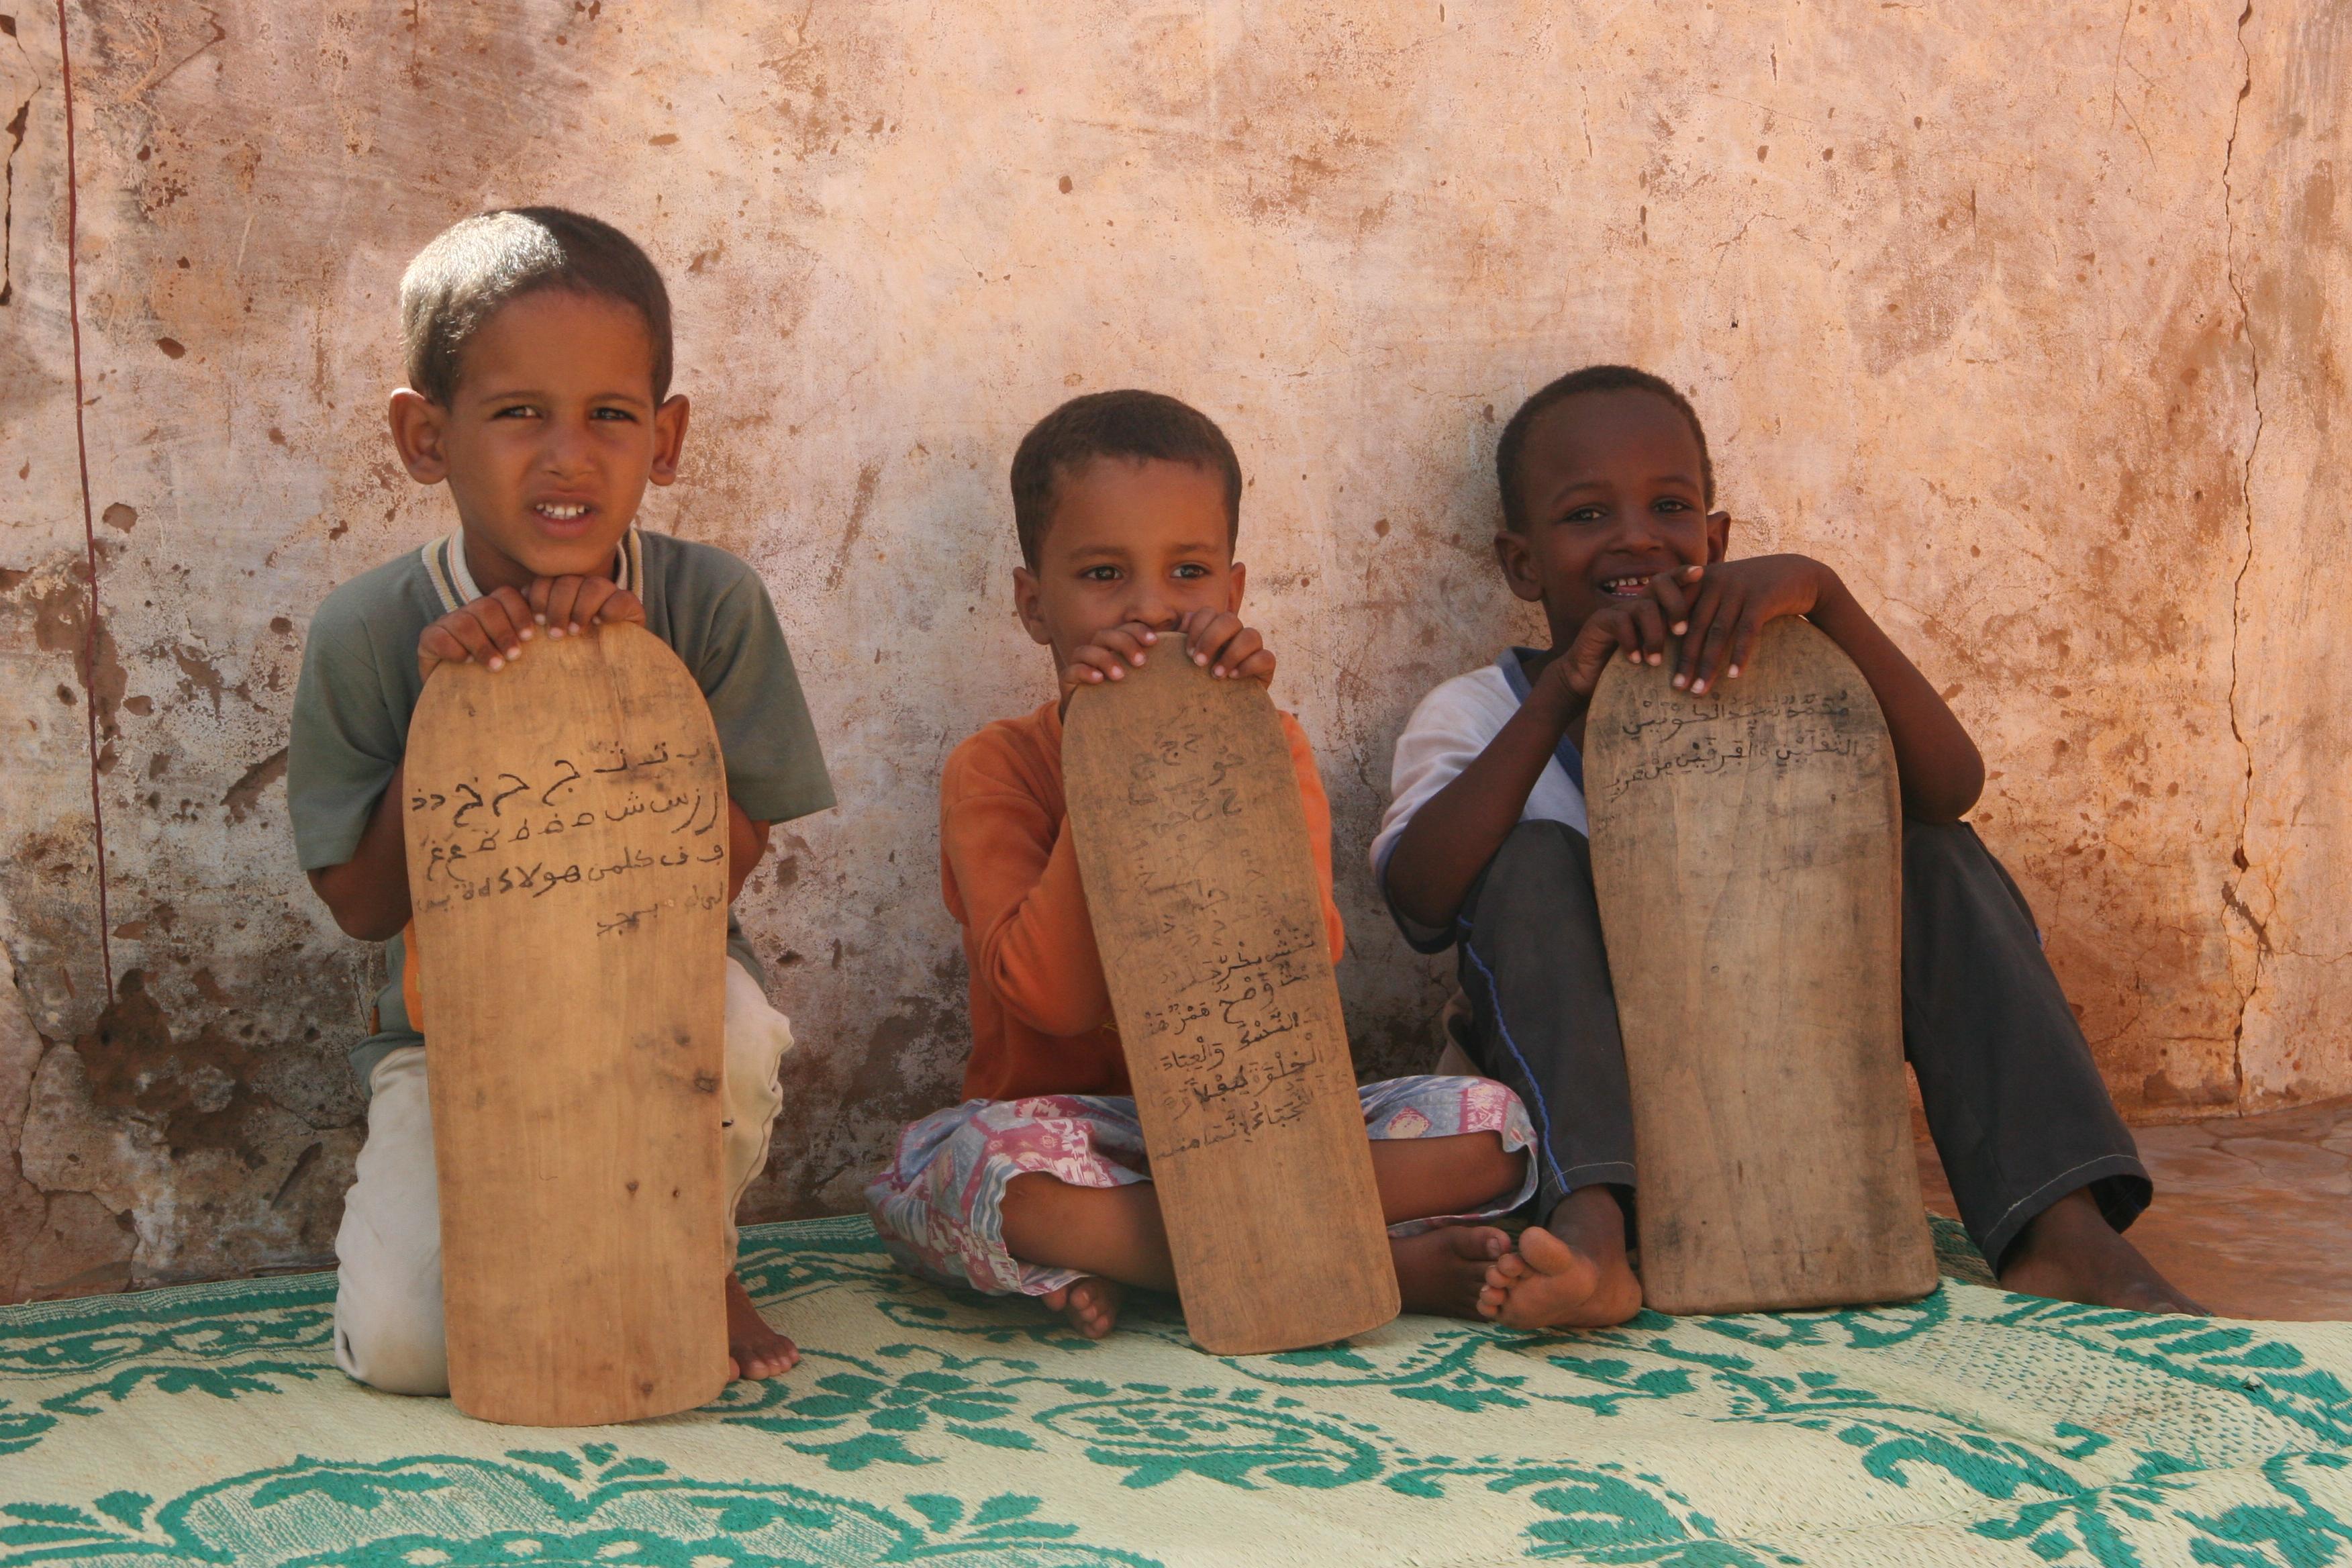 التعريف بموريتانيا كبلد سياحي المعلومات Madrasah_pupils_in_Mauritania.jpg